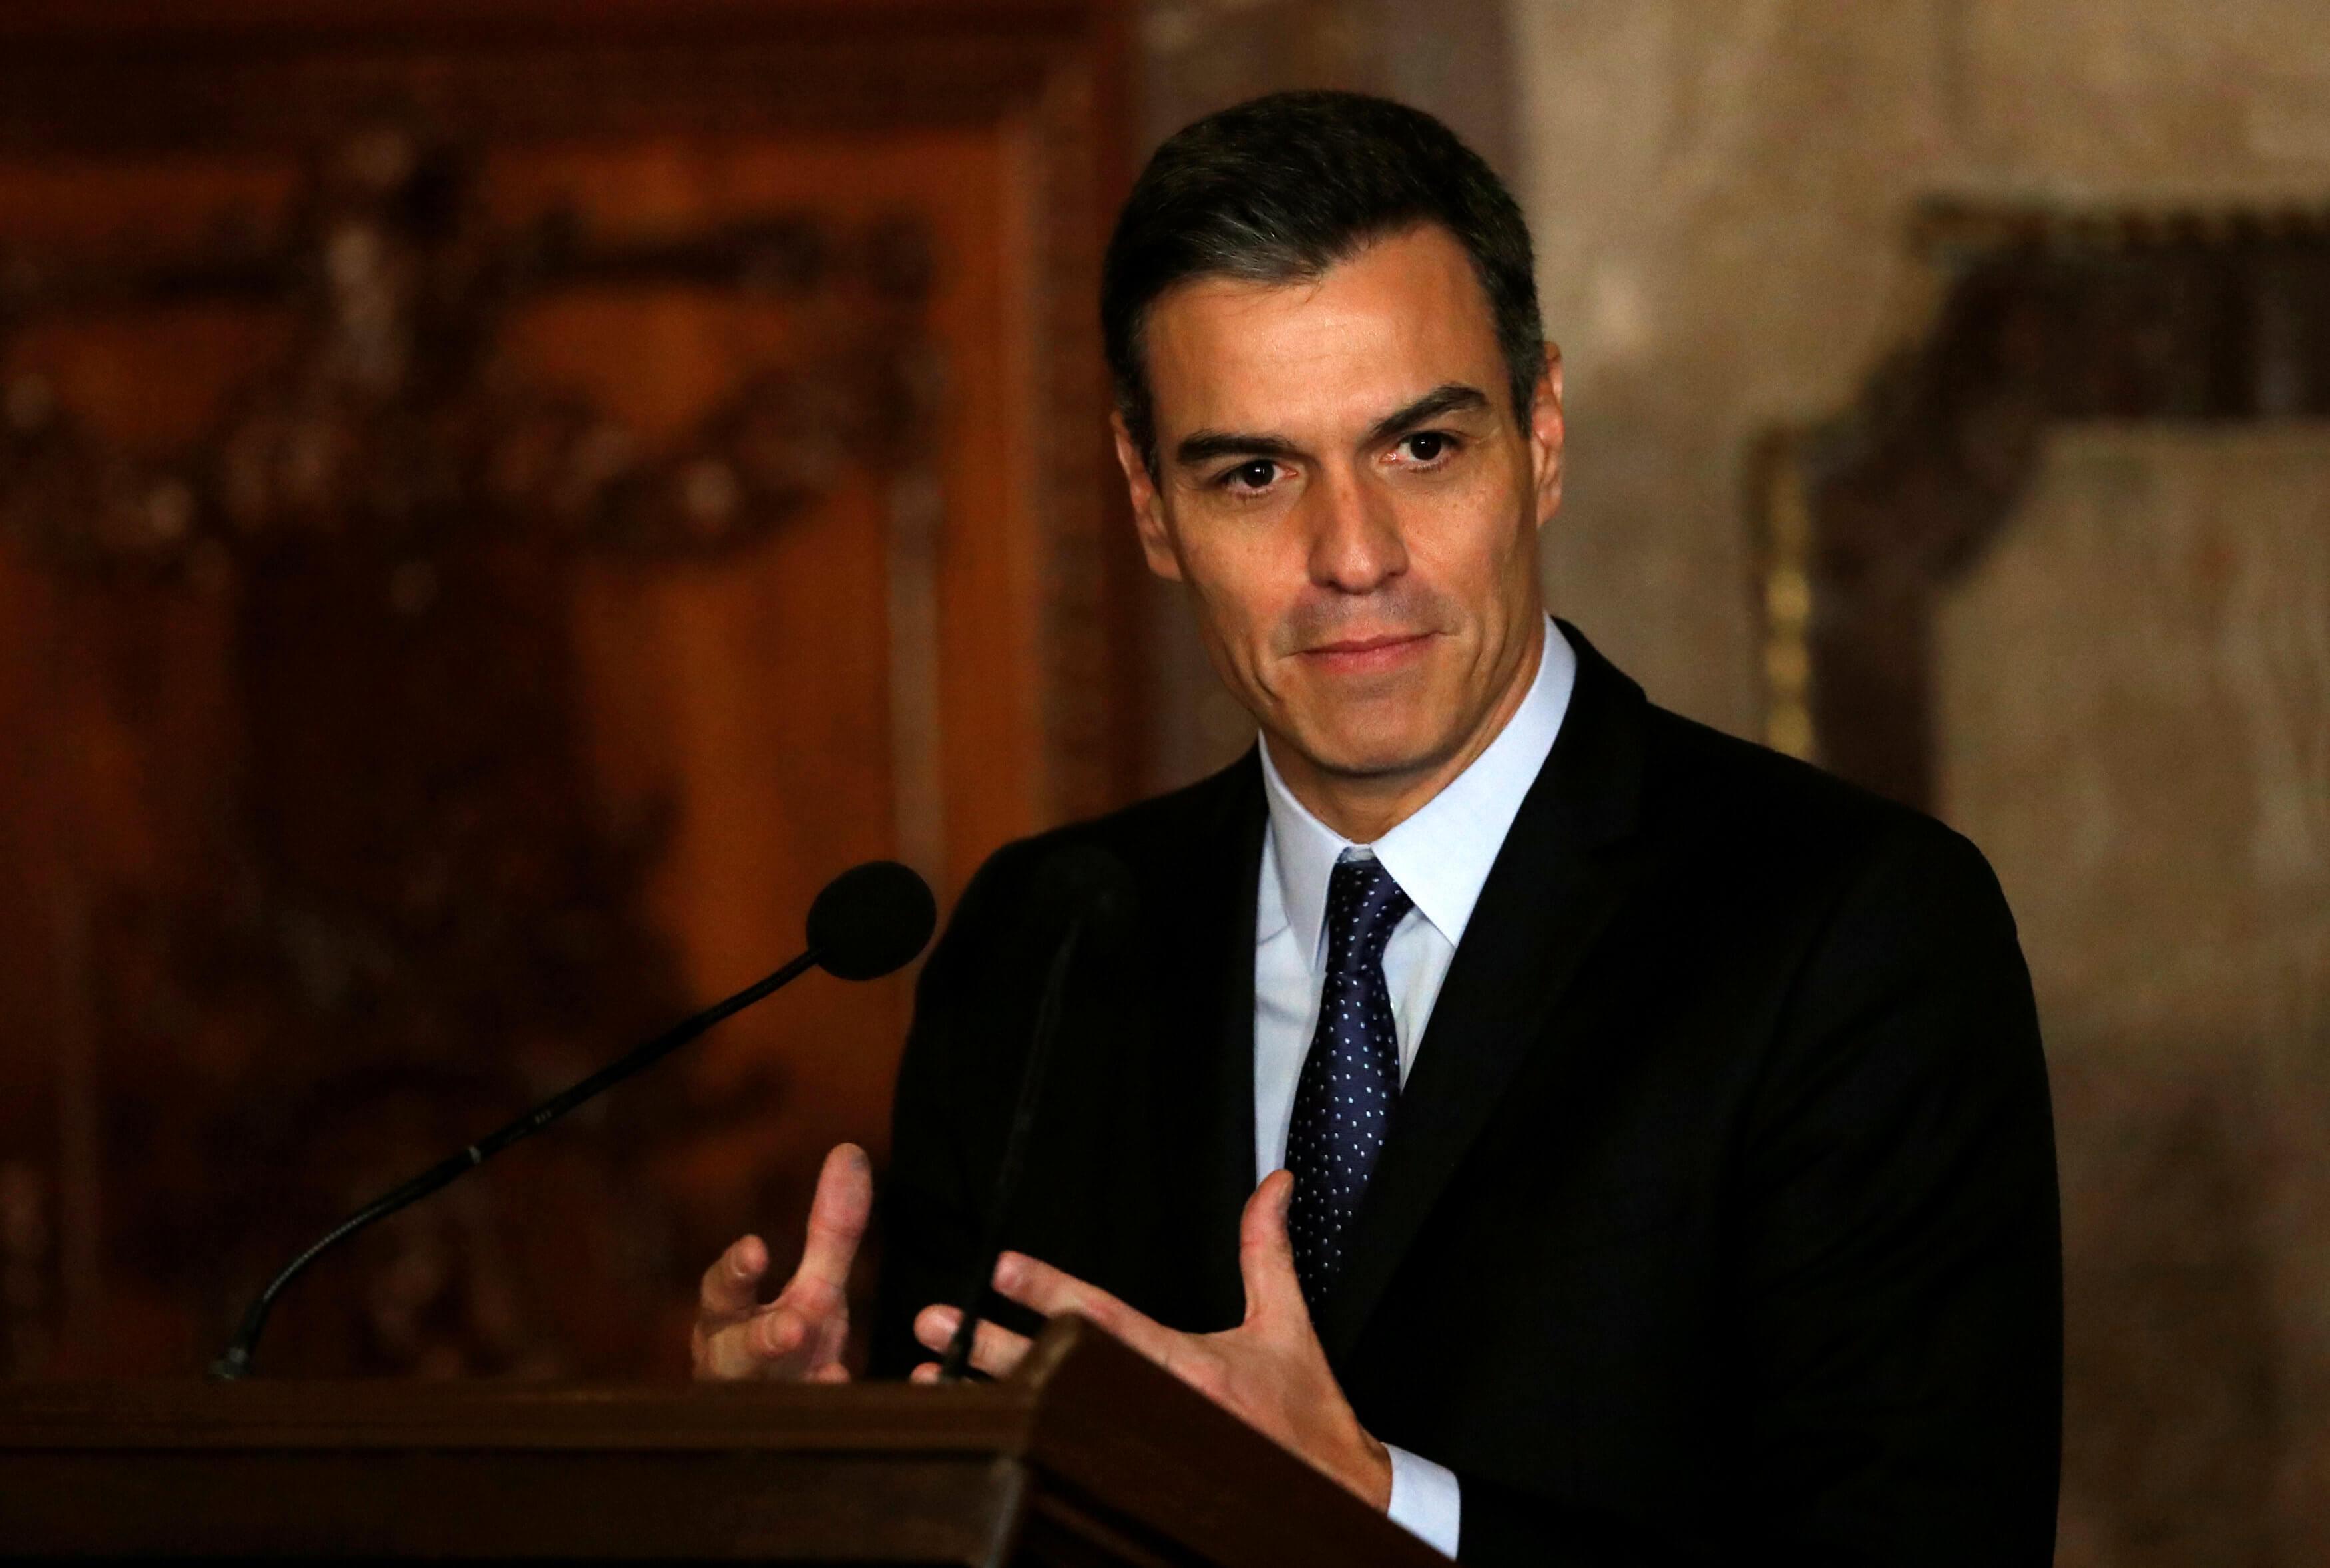 Ψάχνει στήριξη ο Σάντσεθ για τον σχηματισμό κυβέρνησης στην Ισπανία